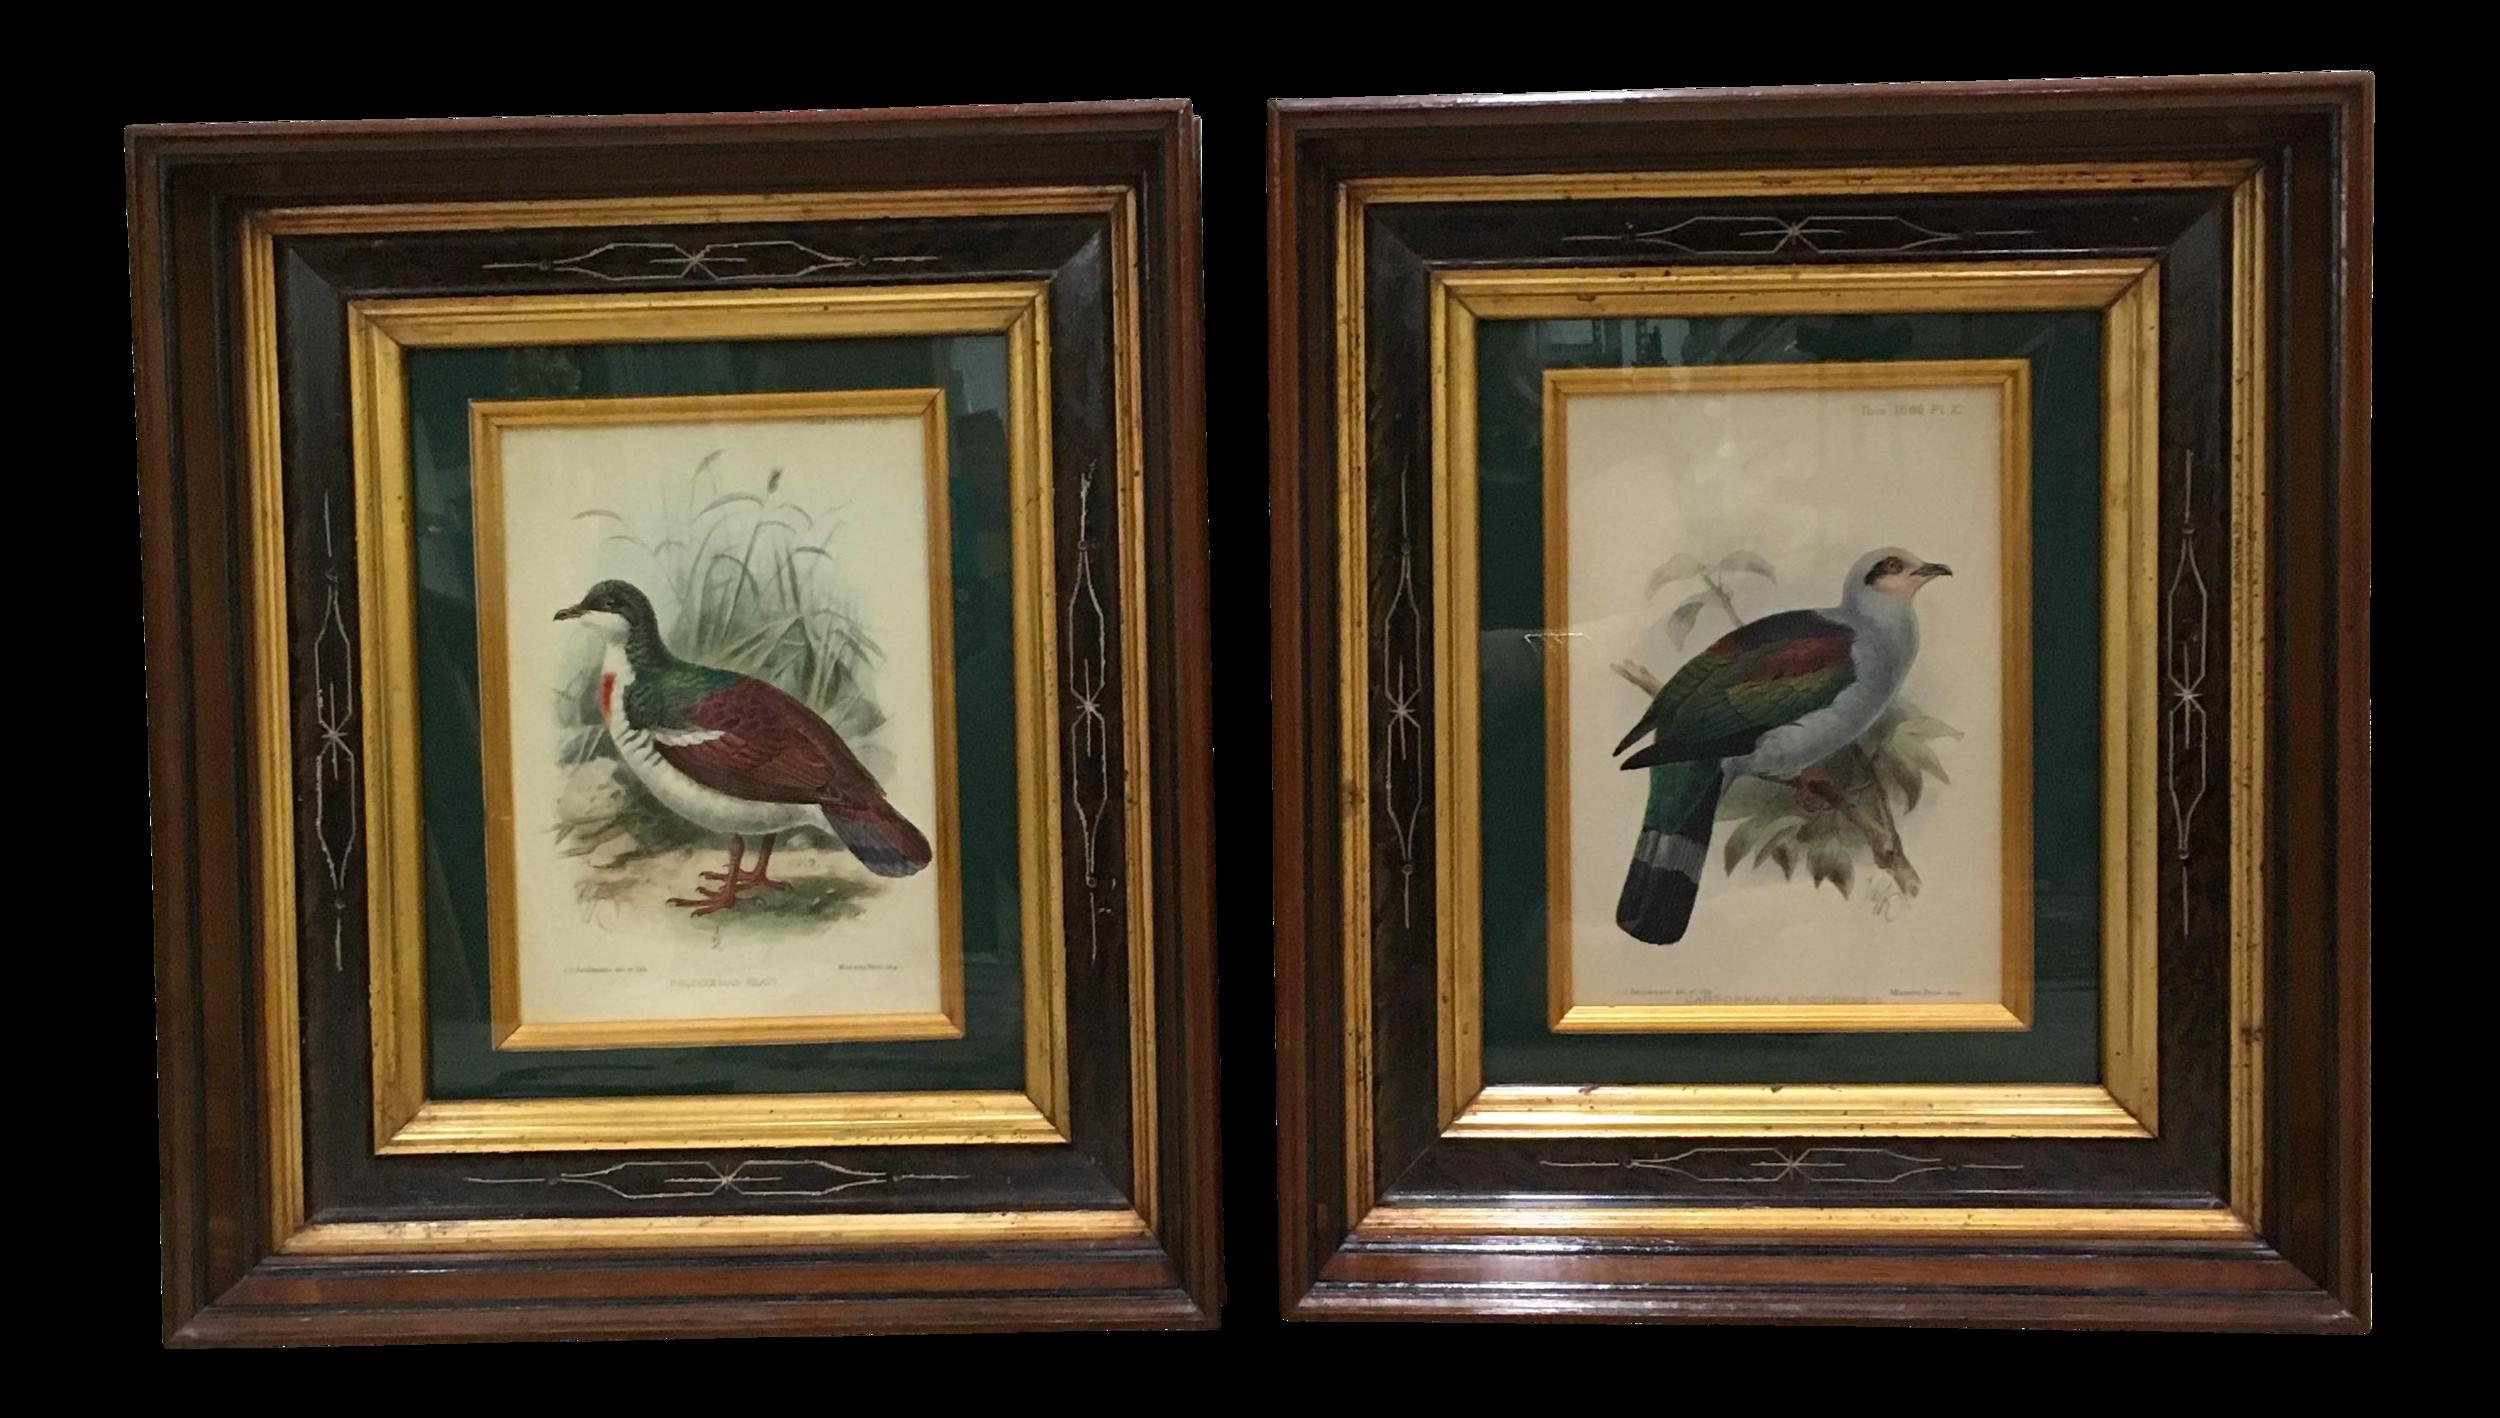 J. G. Koulemans Hand Colored Bird Lithographs - A Pair